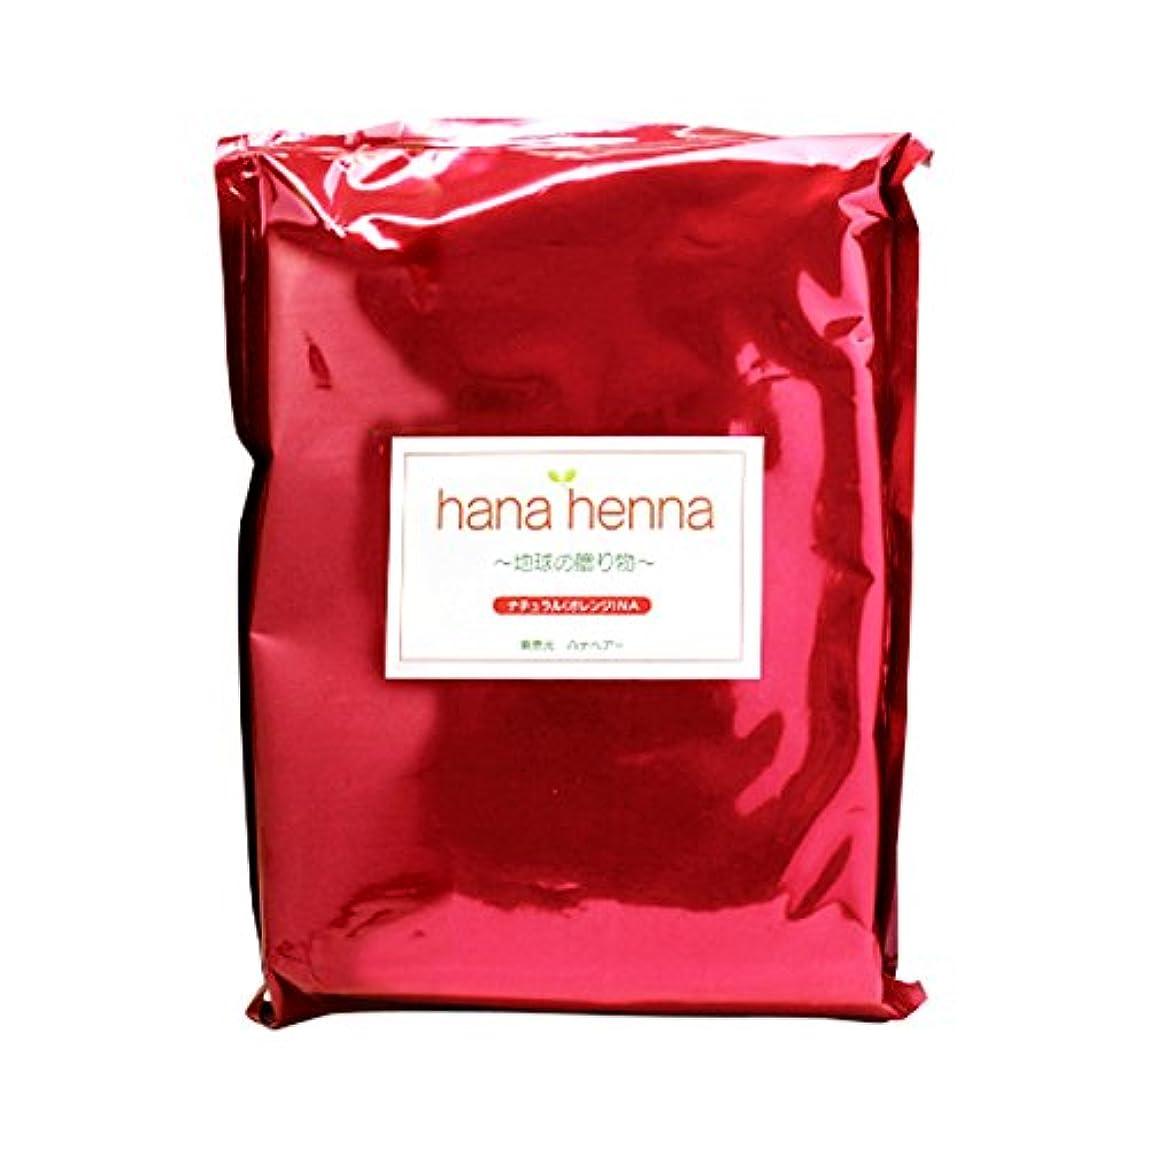 ごみボーダー順応性hanahenna ナチュラル NA(オレンジ) 500g